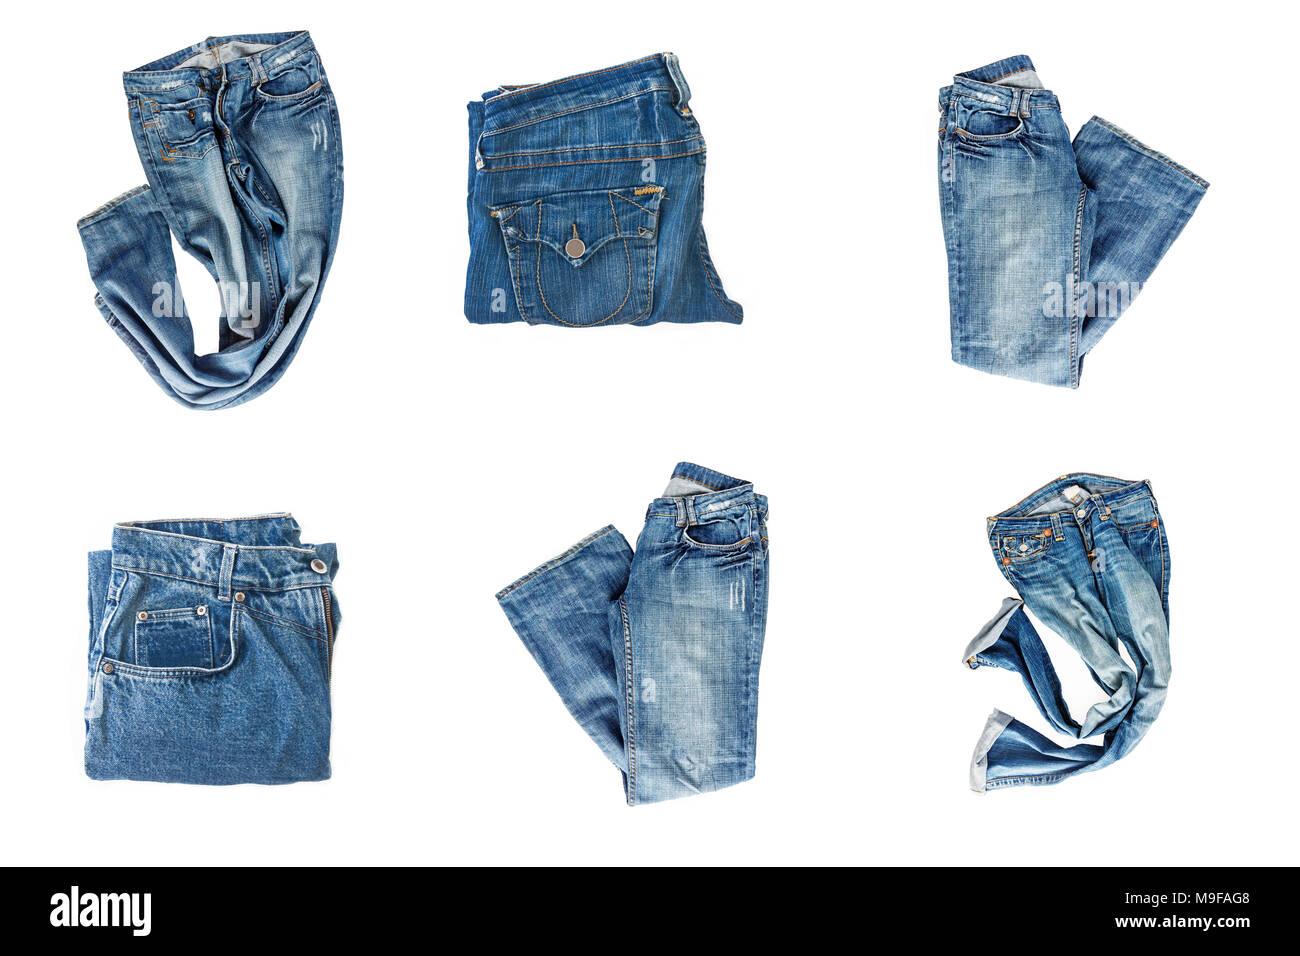 8770cb88d21c60 Sammlung der gefalteten Jeans auf weißem Hintergrund Stockfoto, Bild ...